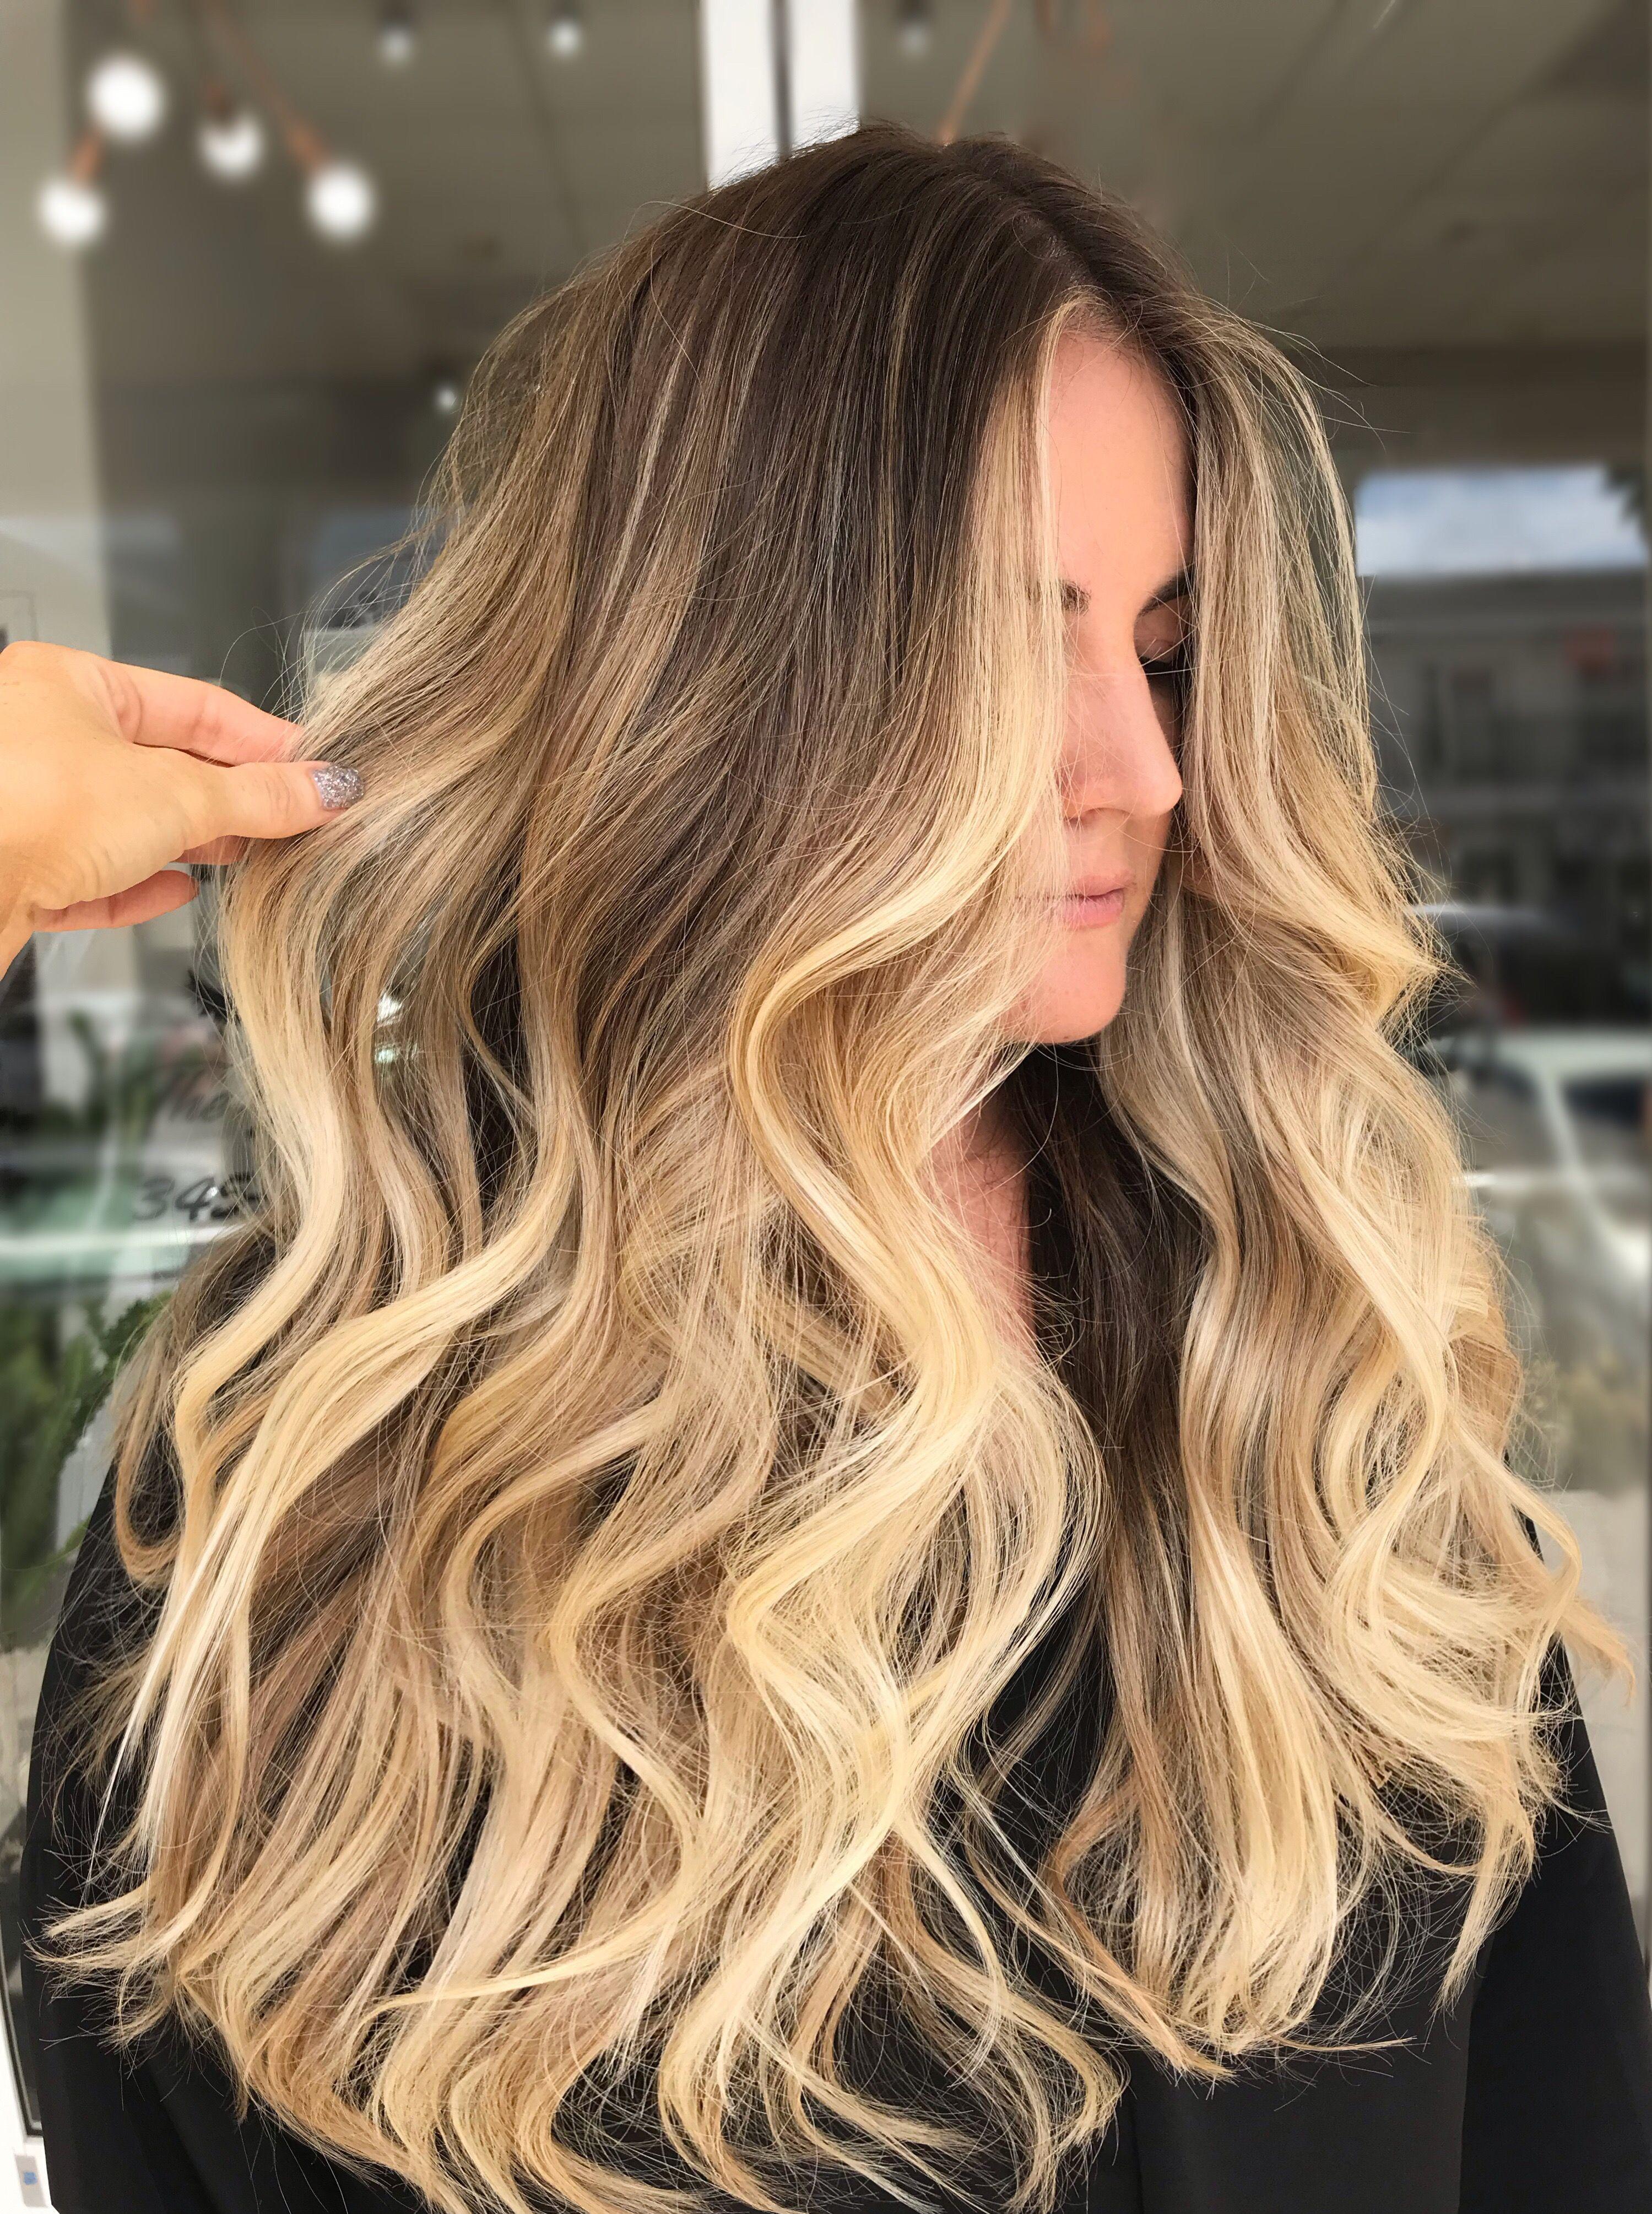 Lived In Beach Hair  #haircoloridea #livedinhair #livedinblonde #beachhair